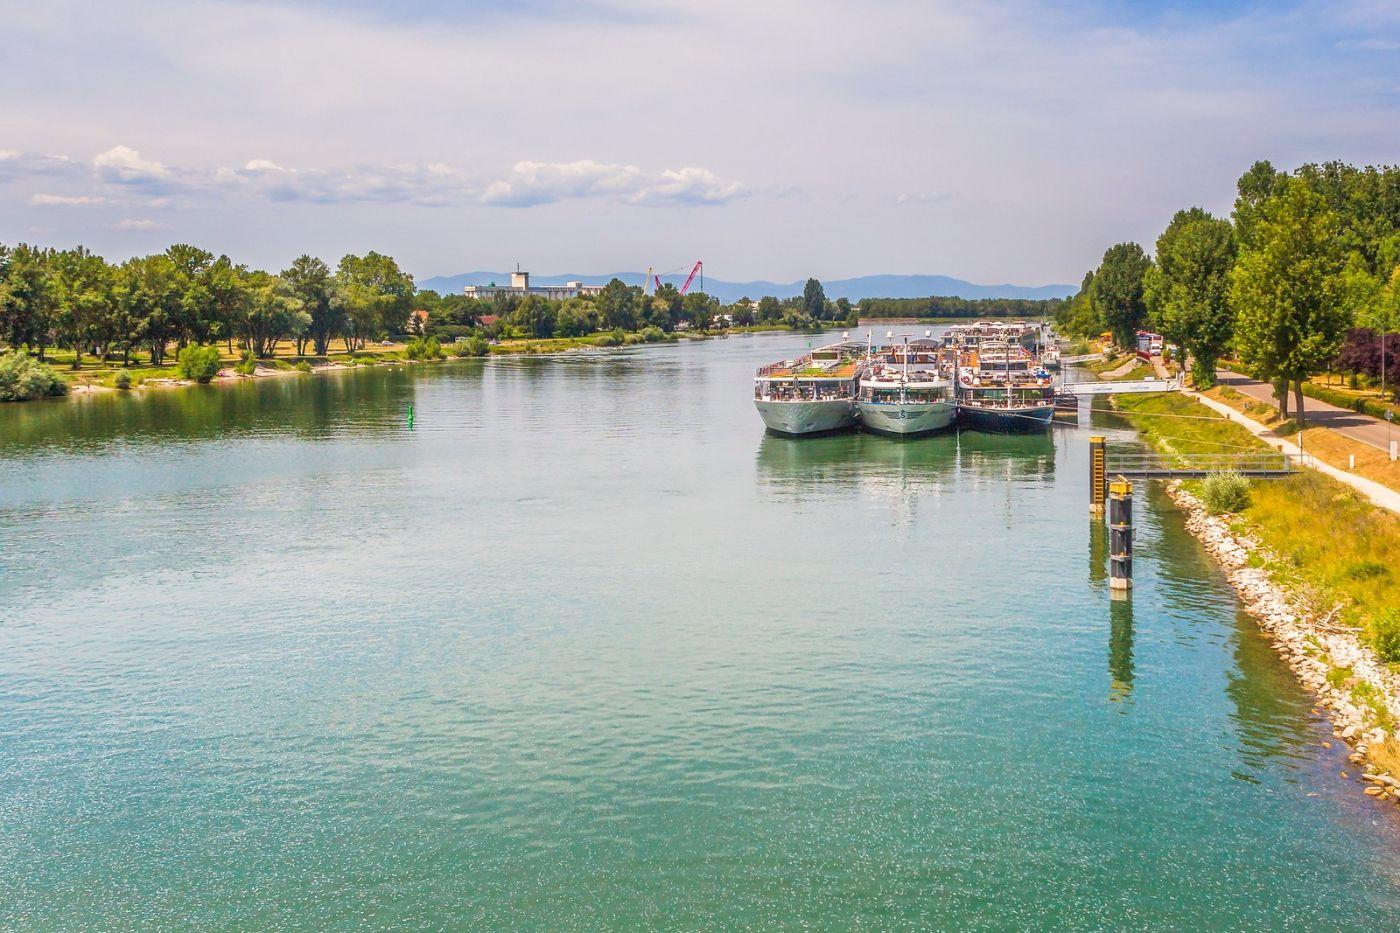 畅游莱茵河,游船商船另一道景_图1-25